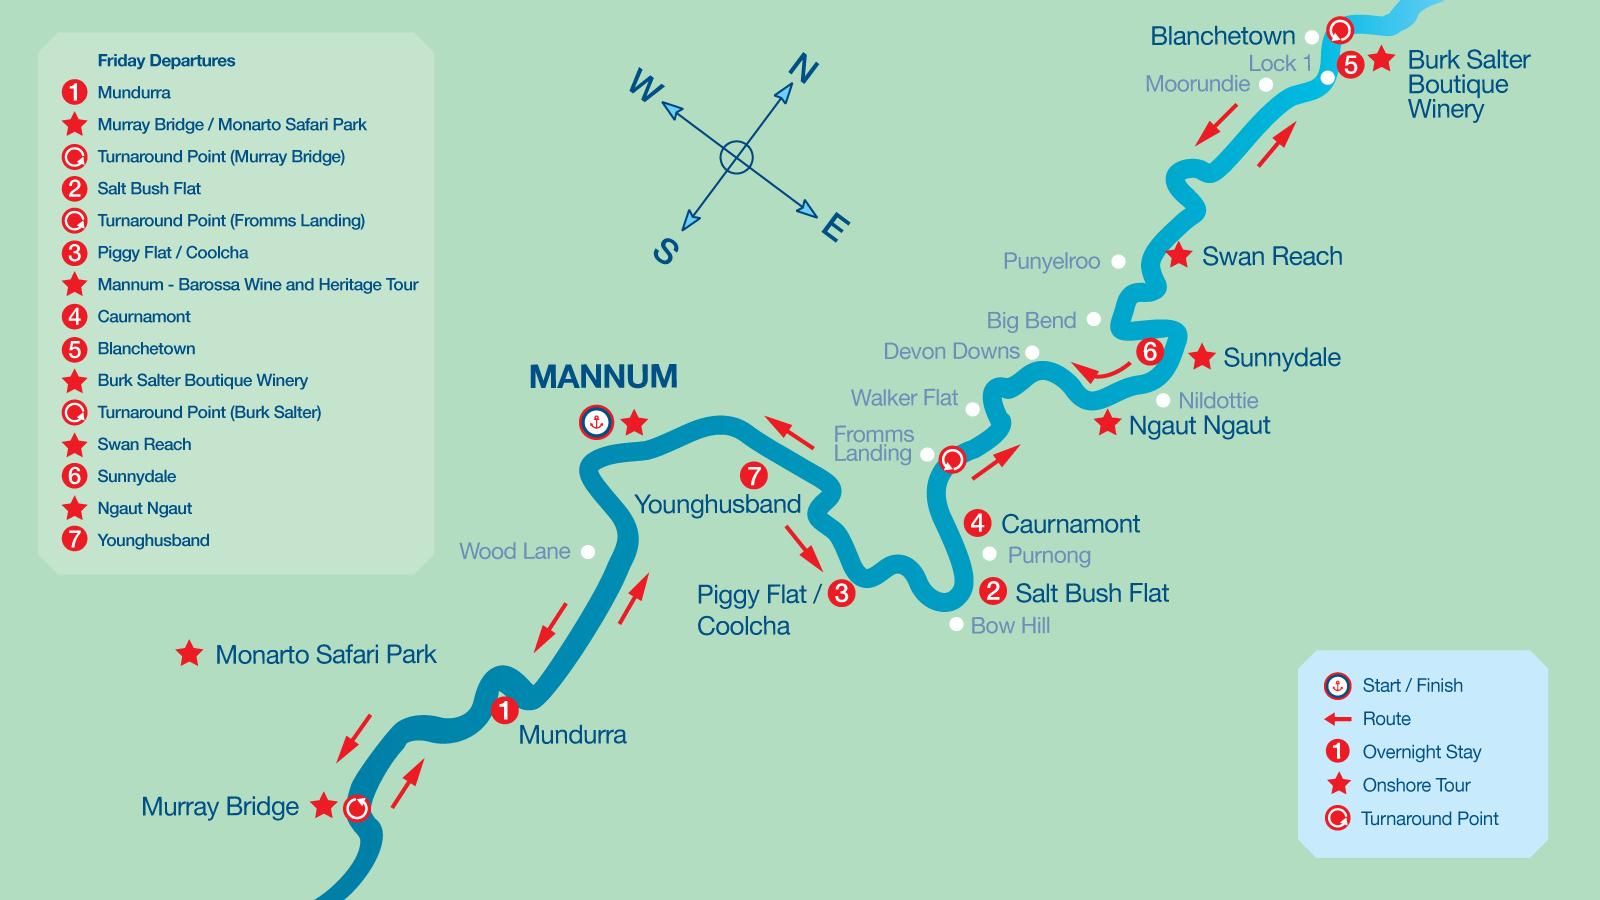 Map of 7 Night Cruise Itinerary